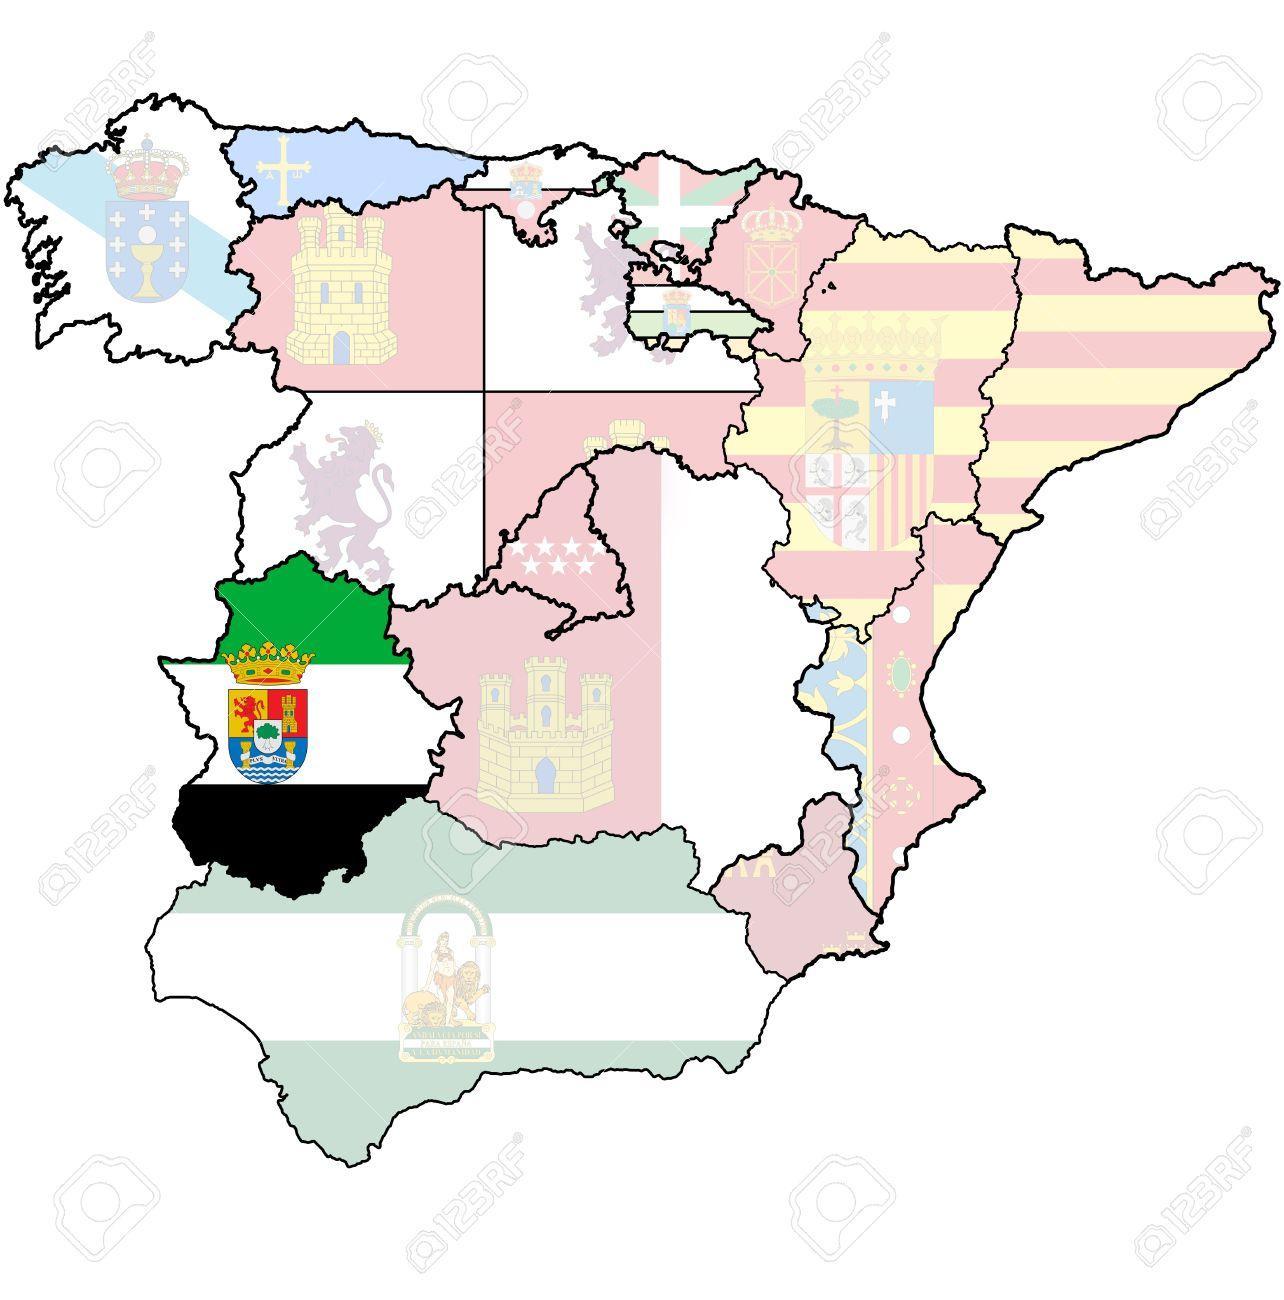 Estremadure Espagne Carte.Region D Estremadure Sur Une Carte Administration Des Regions De L Espagne Avec Des Drapeaux Et Des Emblemes